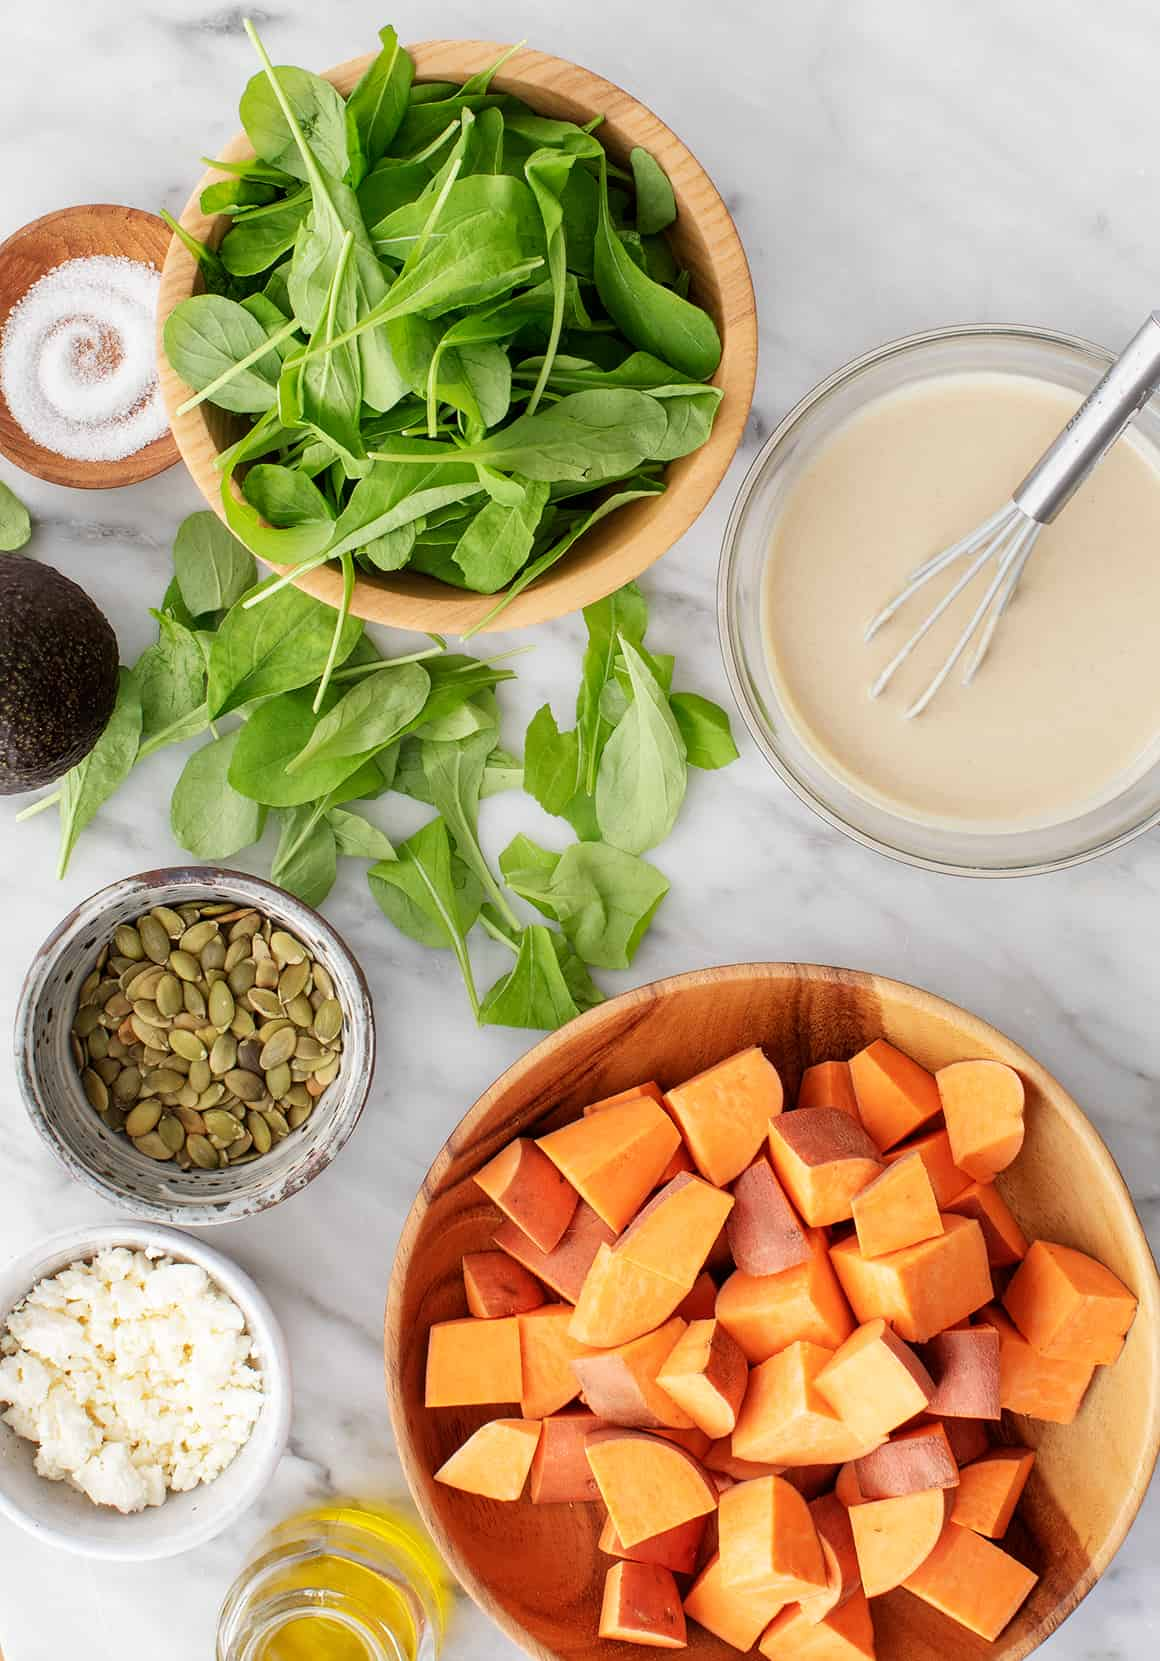 Sweet potato salad recipe ingredients